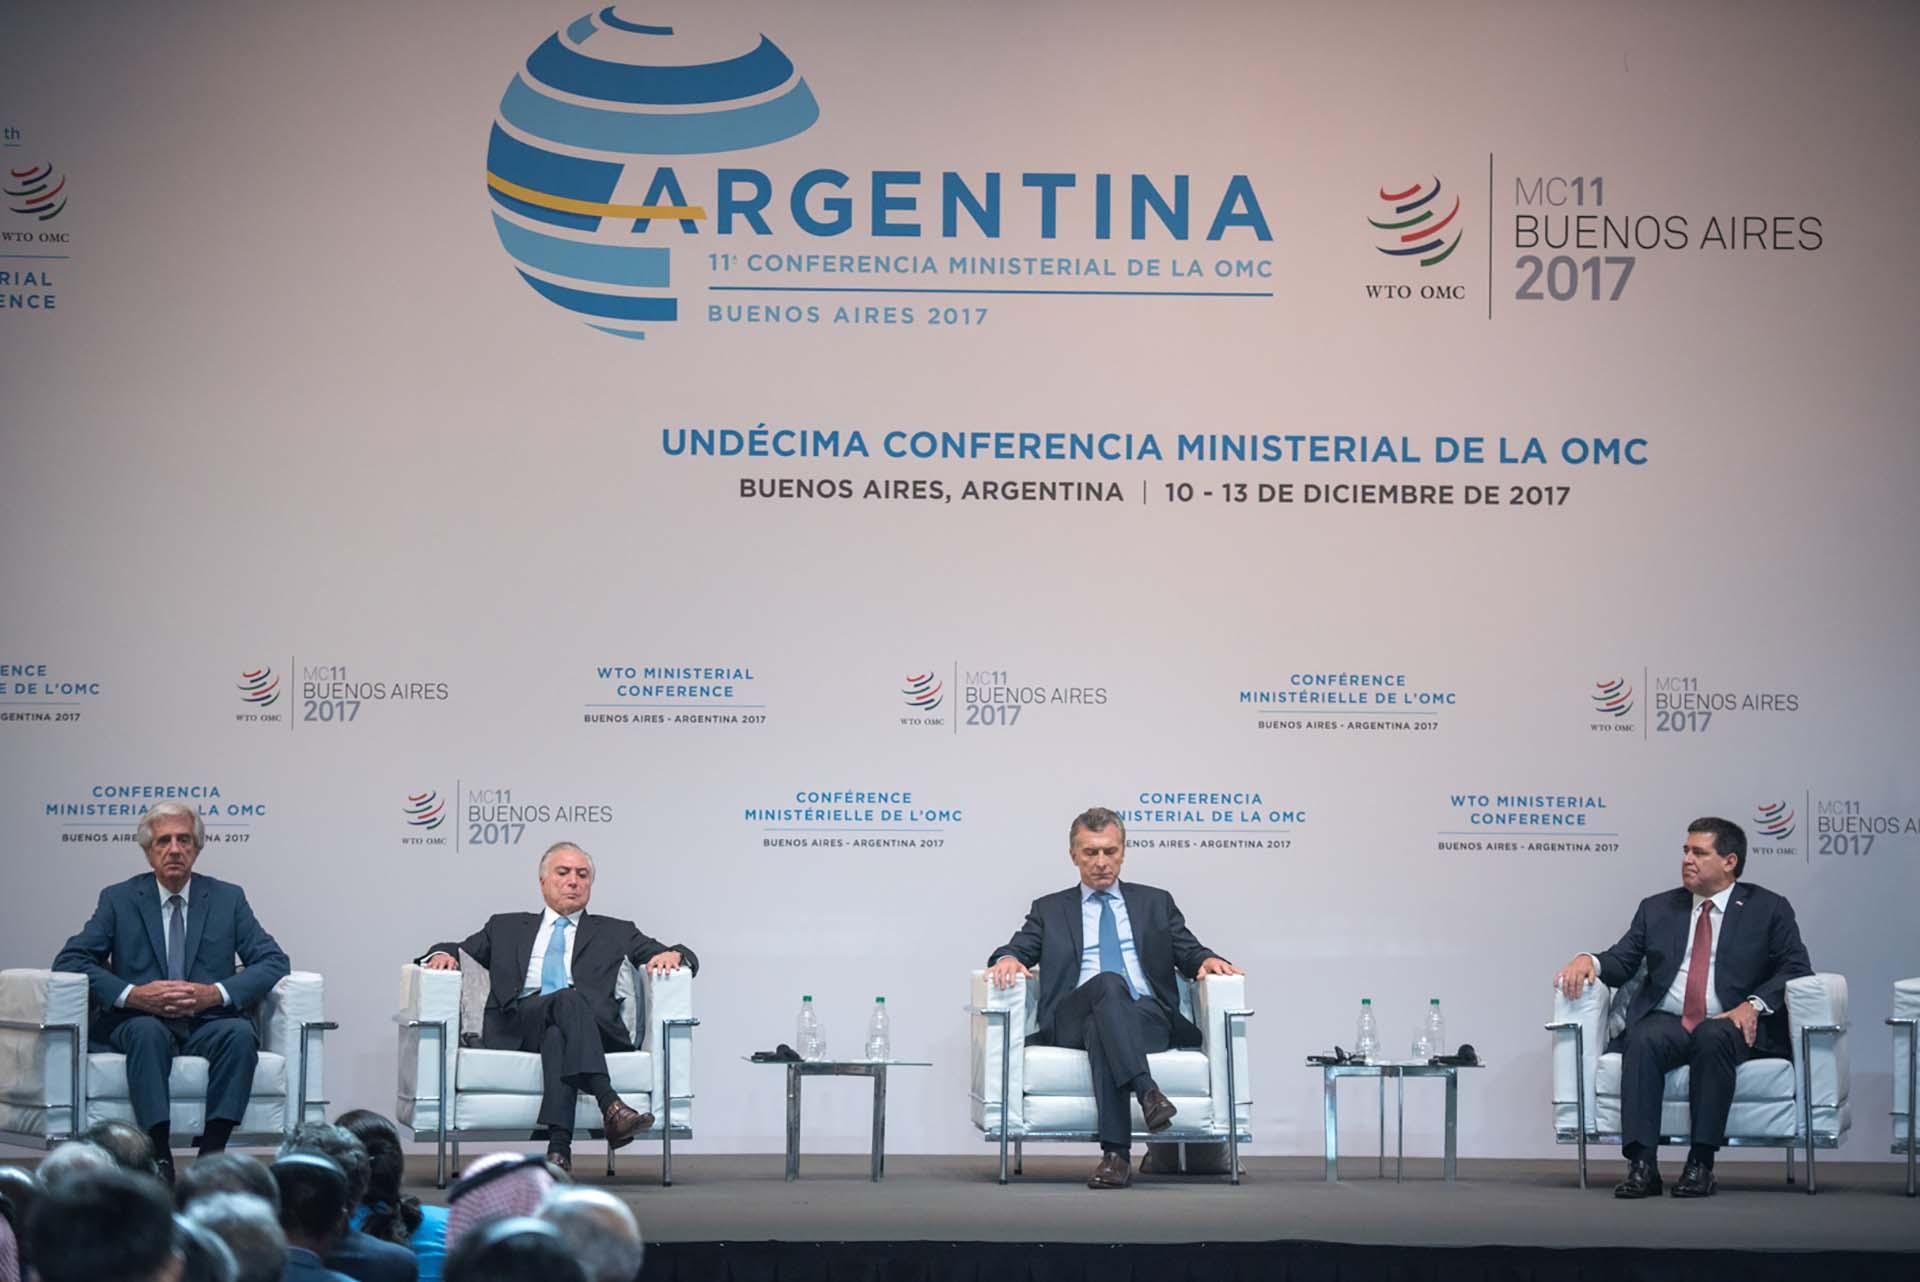 Los presidentes de la región que estuvieron presentes en la undécima conferencia de la OMC